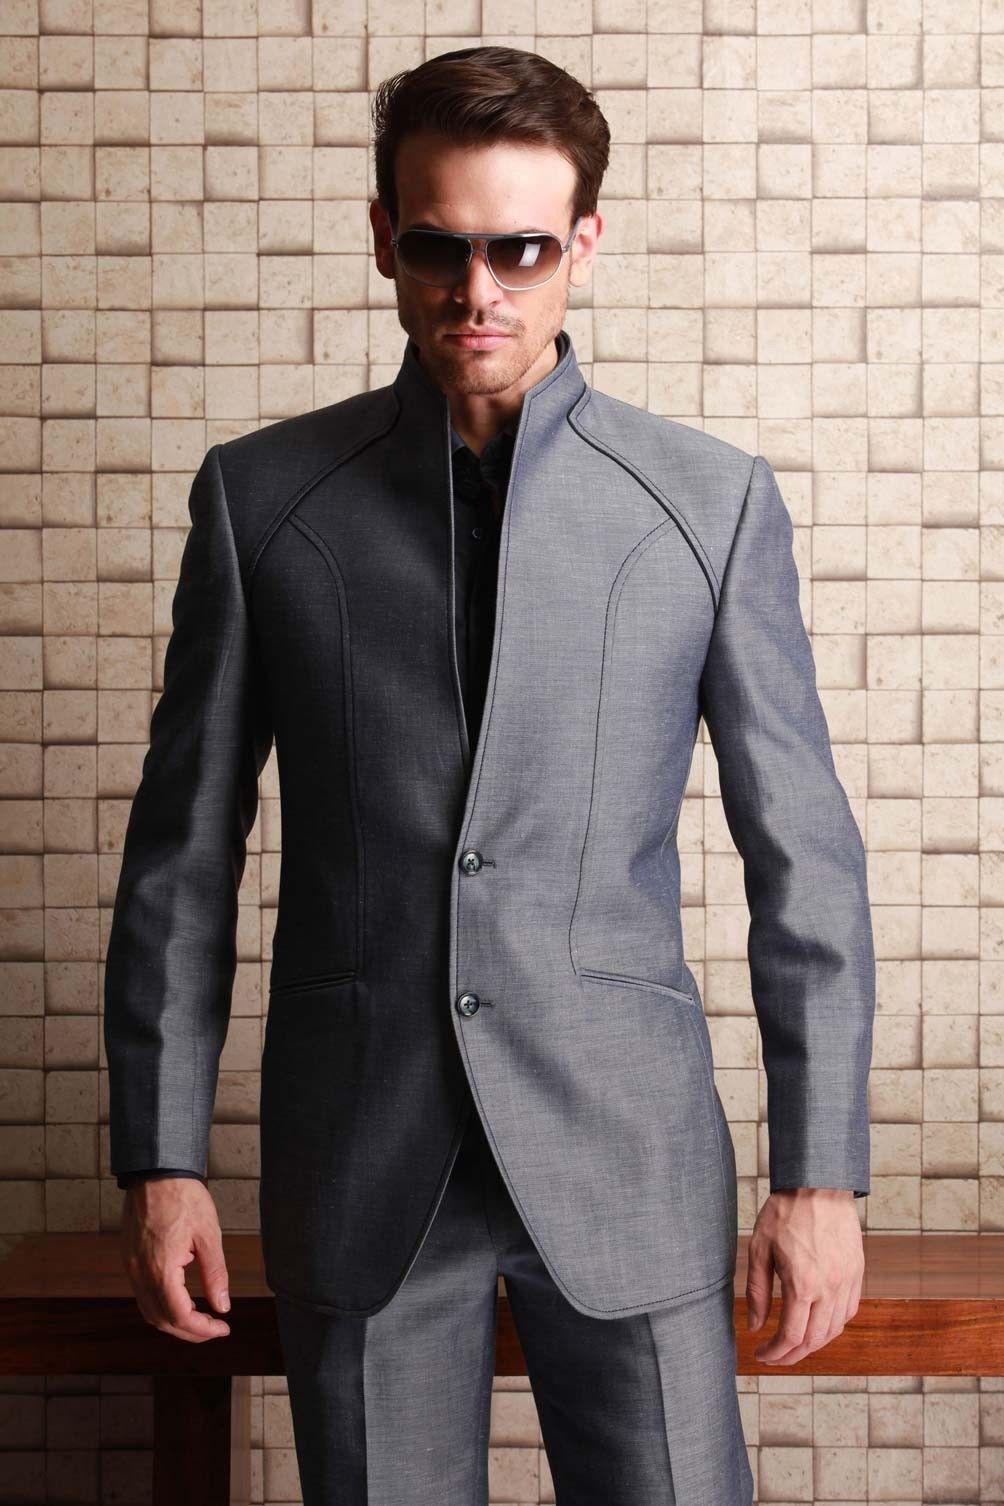 Western Styles Shiny Grey Men Groom Tuxedos For Wedding Waistcoats ...